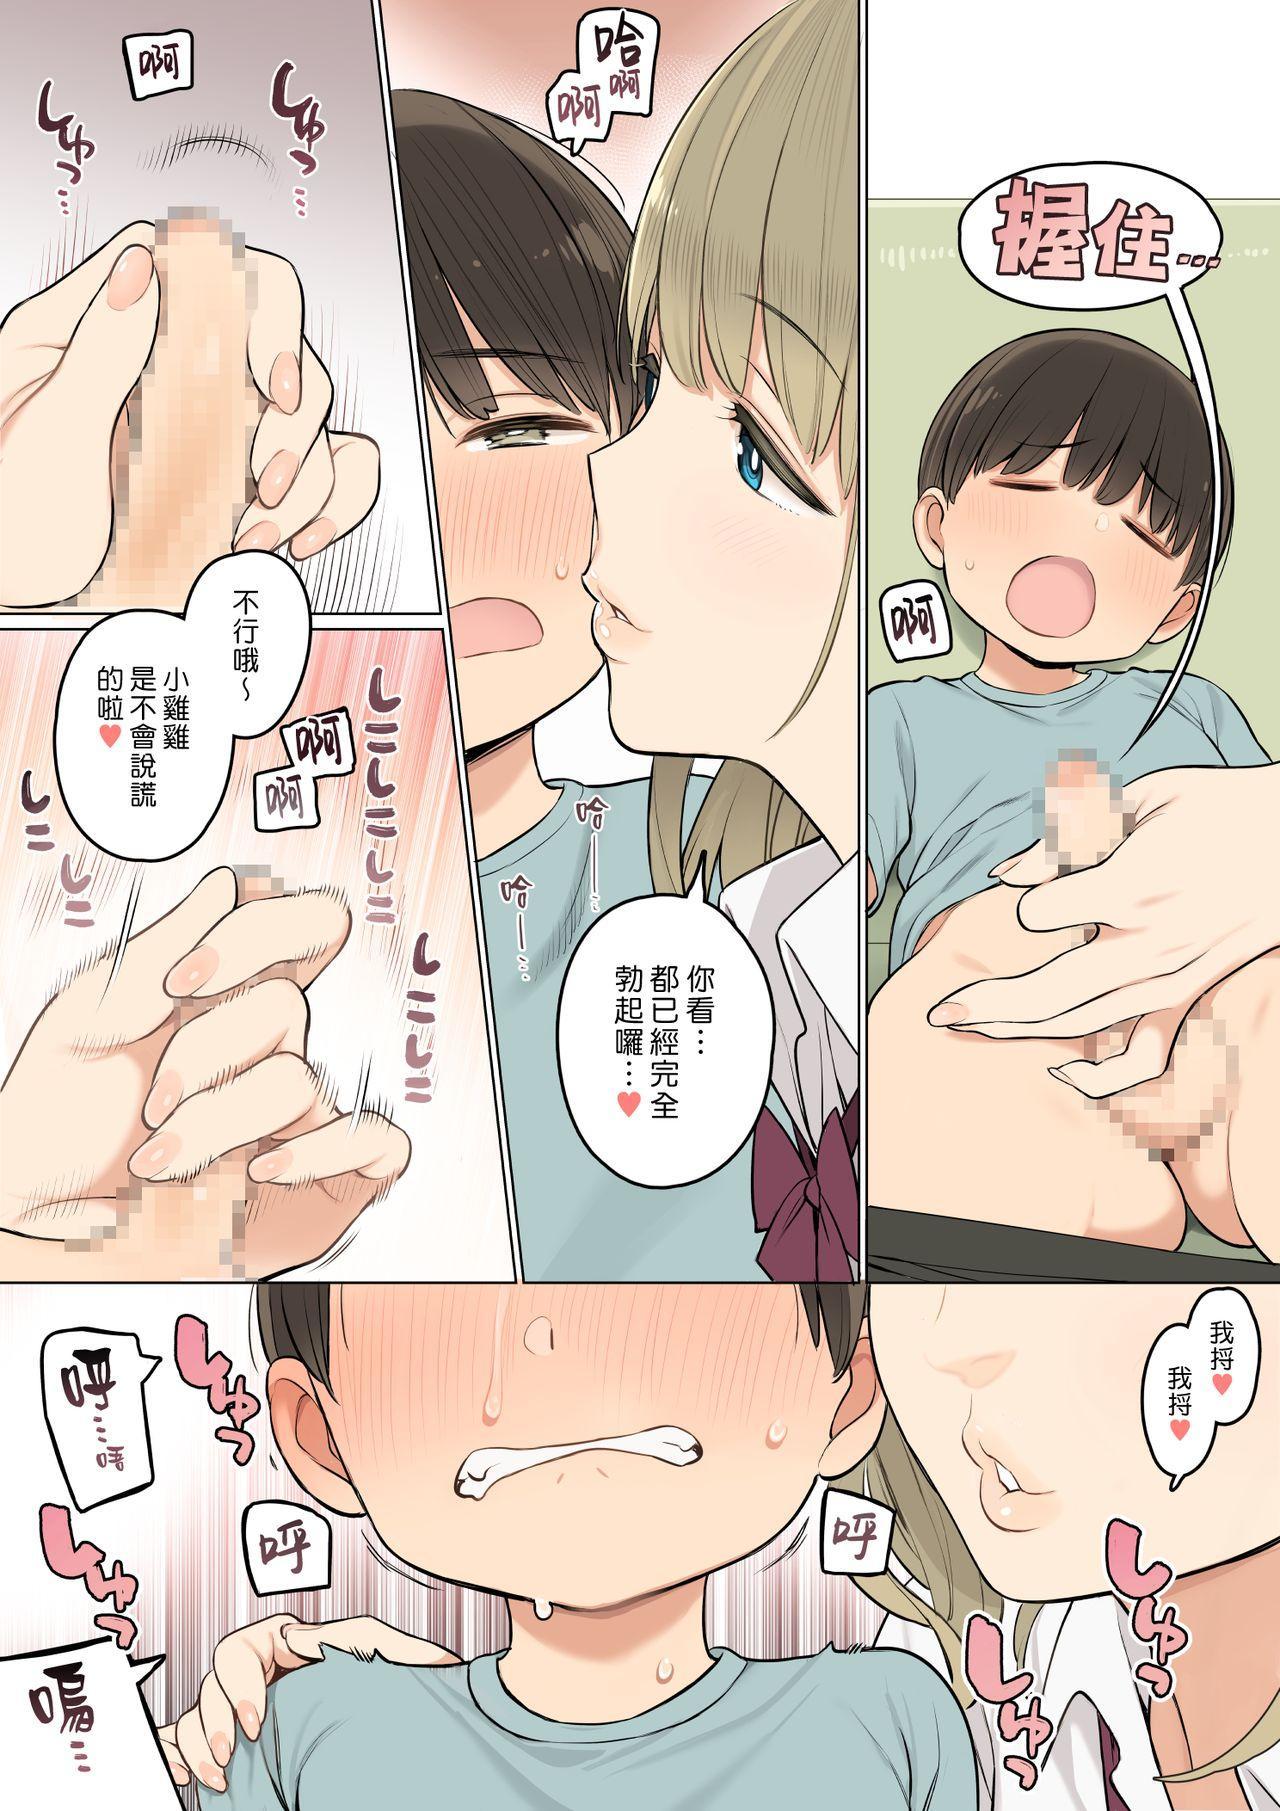 Onee-chan no Tomodachi ga Ecchi na Hito Bakari datta kara| 原來姊姊的朋友都是些好色的人 6